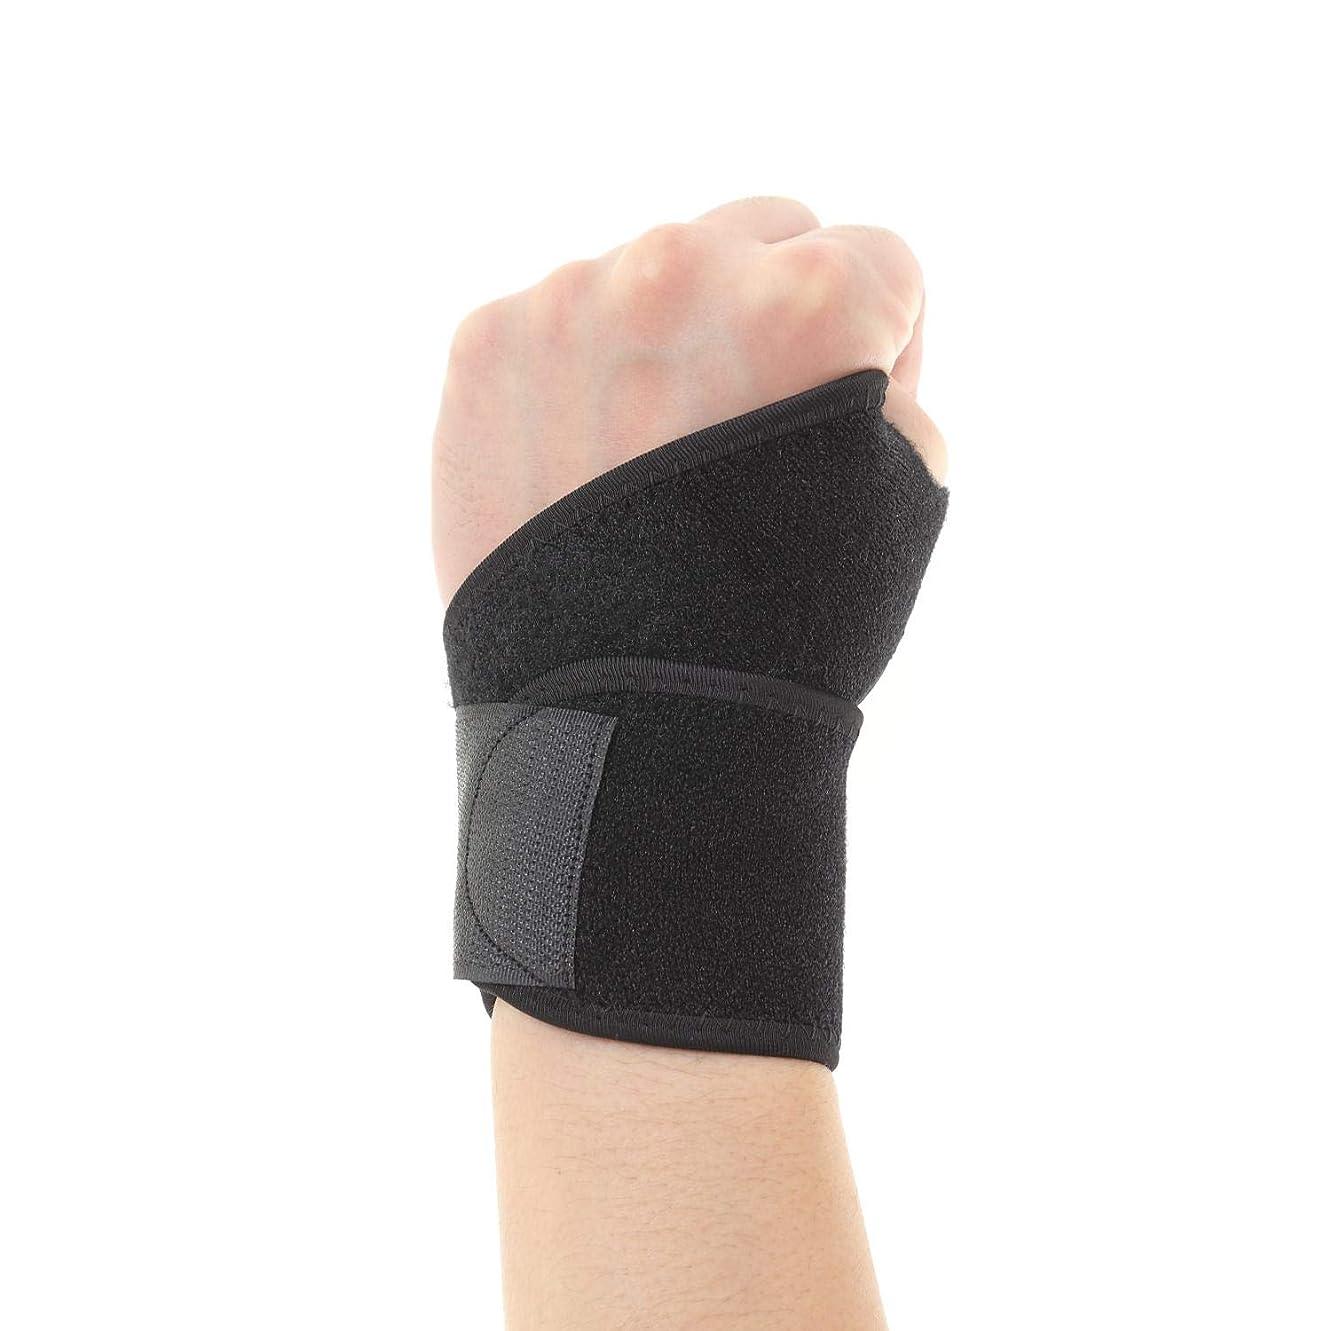 ブラジャータックトロリーBlue Aim 手首用サポーター 男女兼用 フリーサイズ (手首の周囲径12~15cm) 巻きつけ式 手首痛 予防 スポーツ 手首の保護 手首サポーター WR-B1